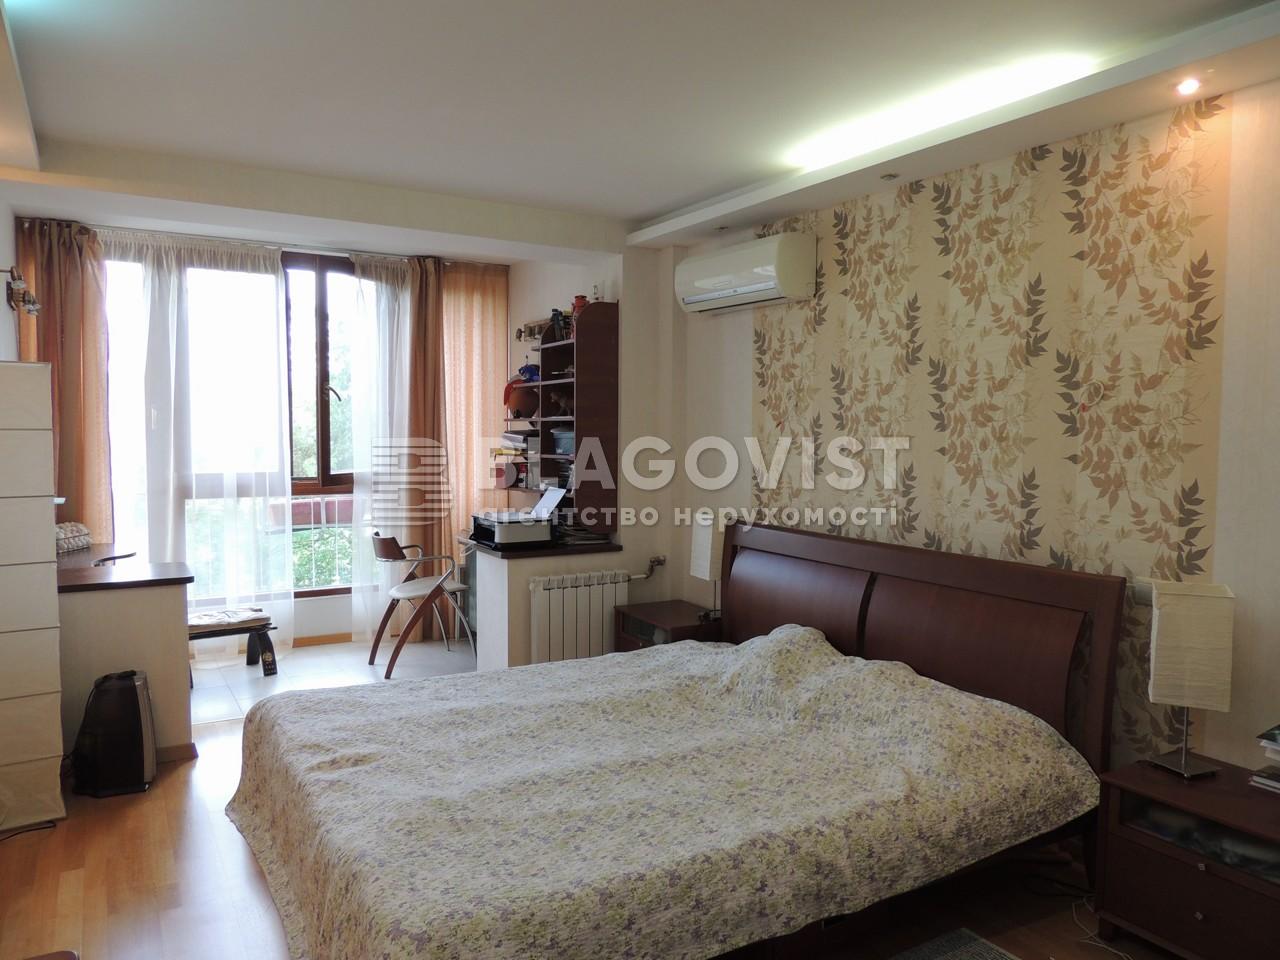 Квартира C-101736, Виноградный пер., 6, Киев - Фото 4